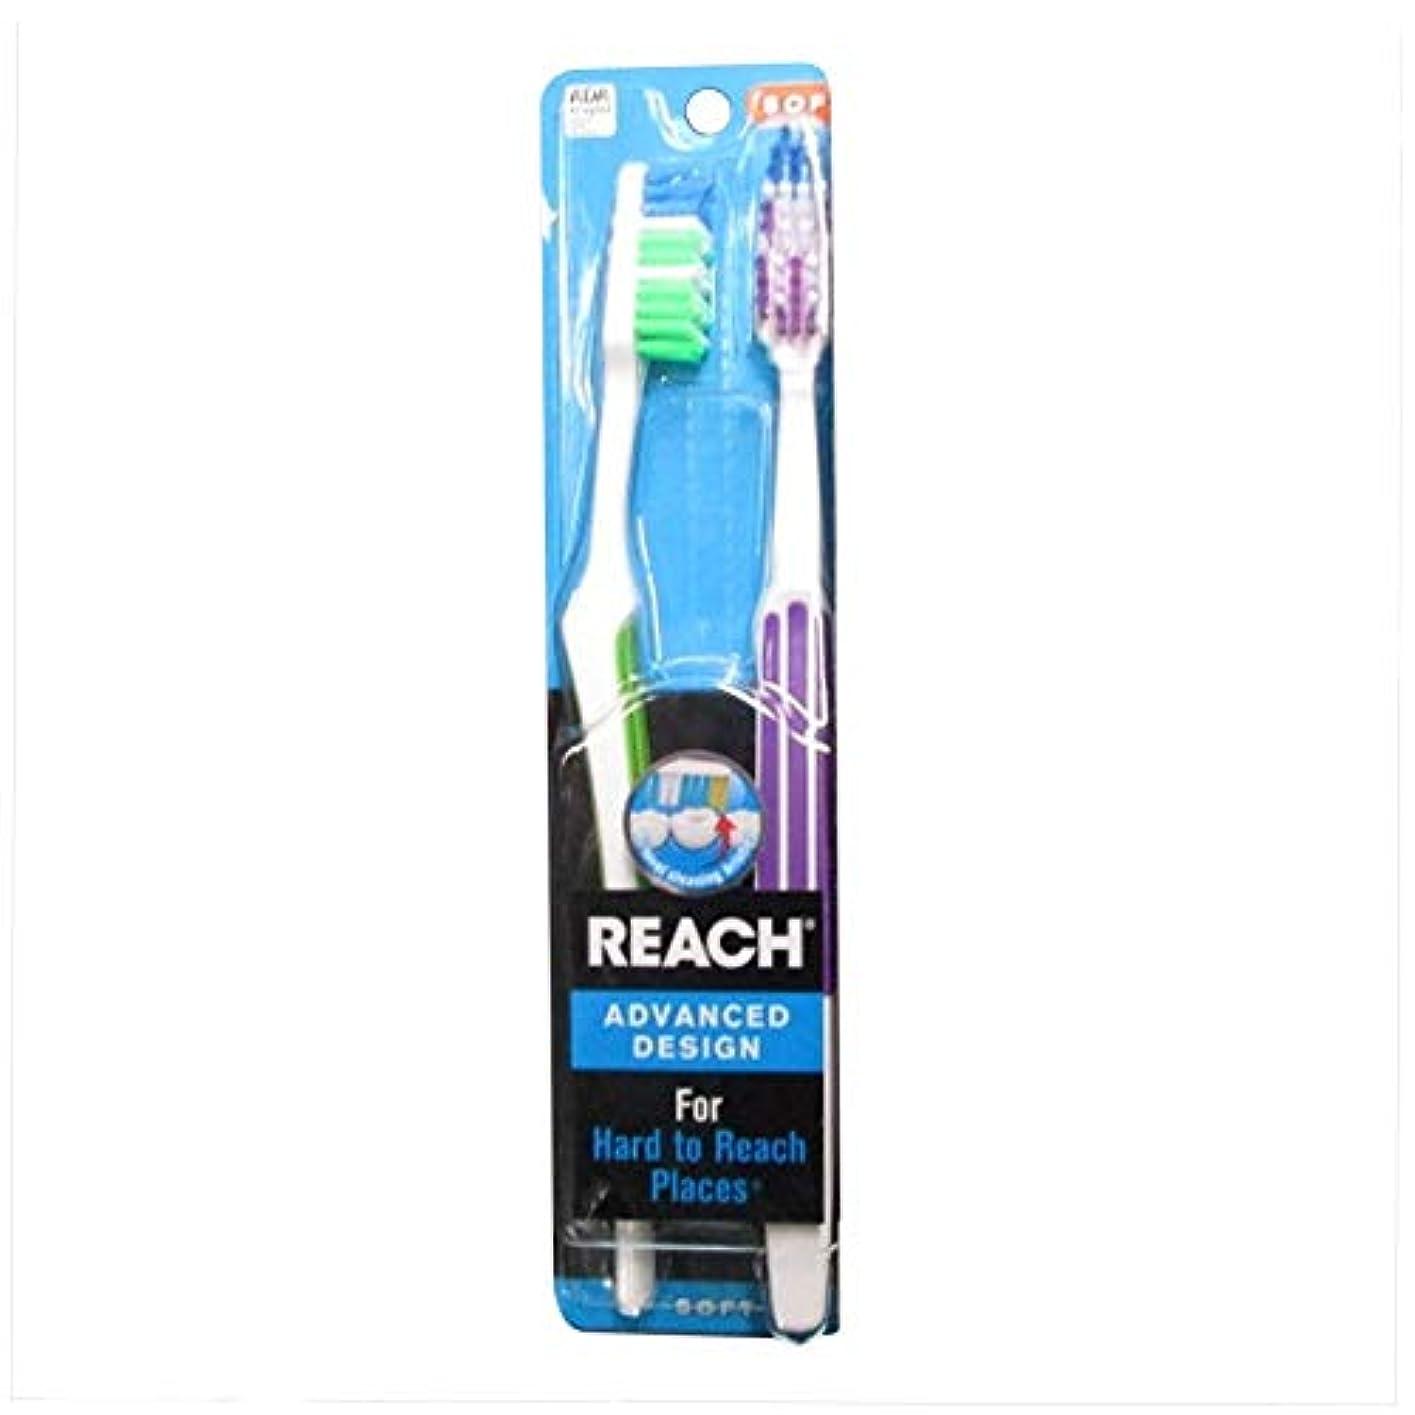 感心する空洞電話するReach 高度なデザイン完全な頭部柔らかい歯ブラシ、盛り合わせ色、2カウント(2パック)合計4歯ブラシ